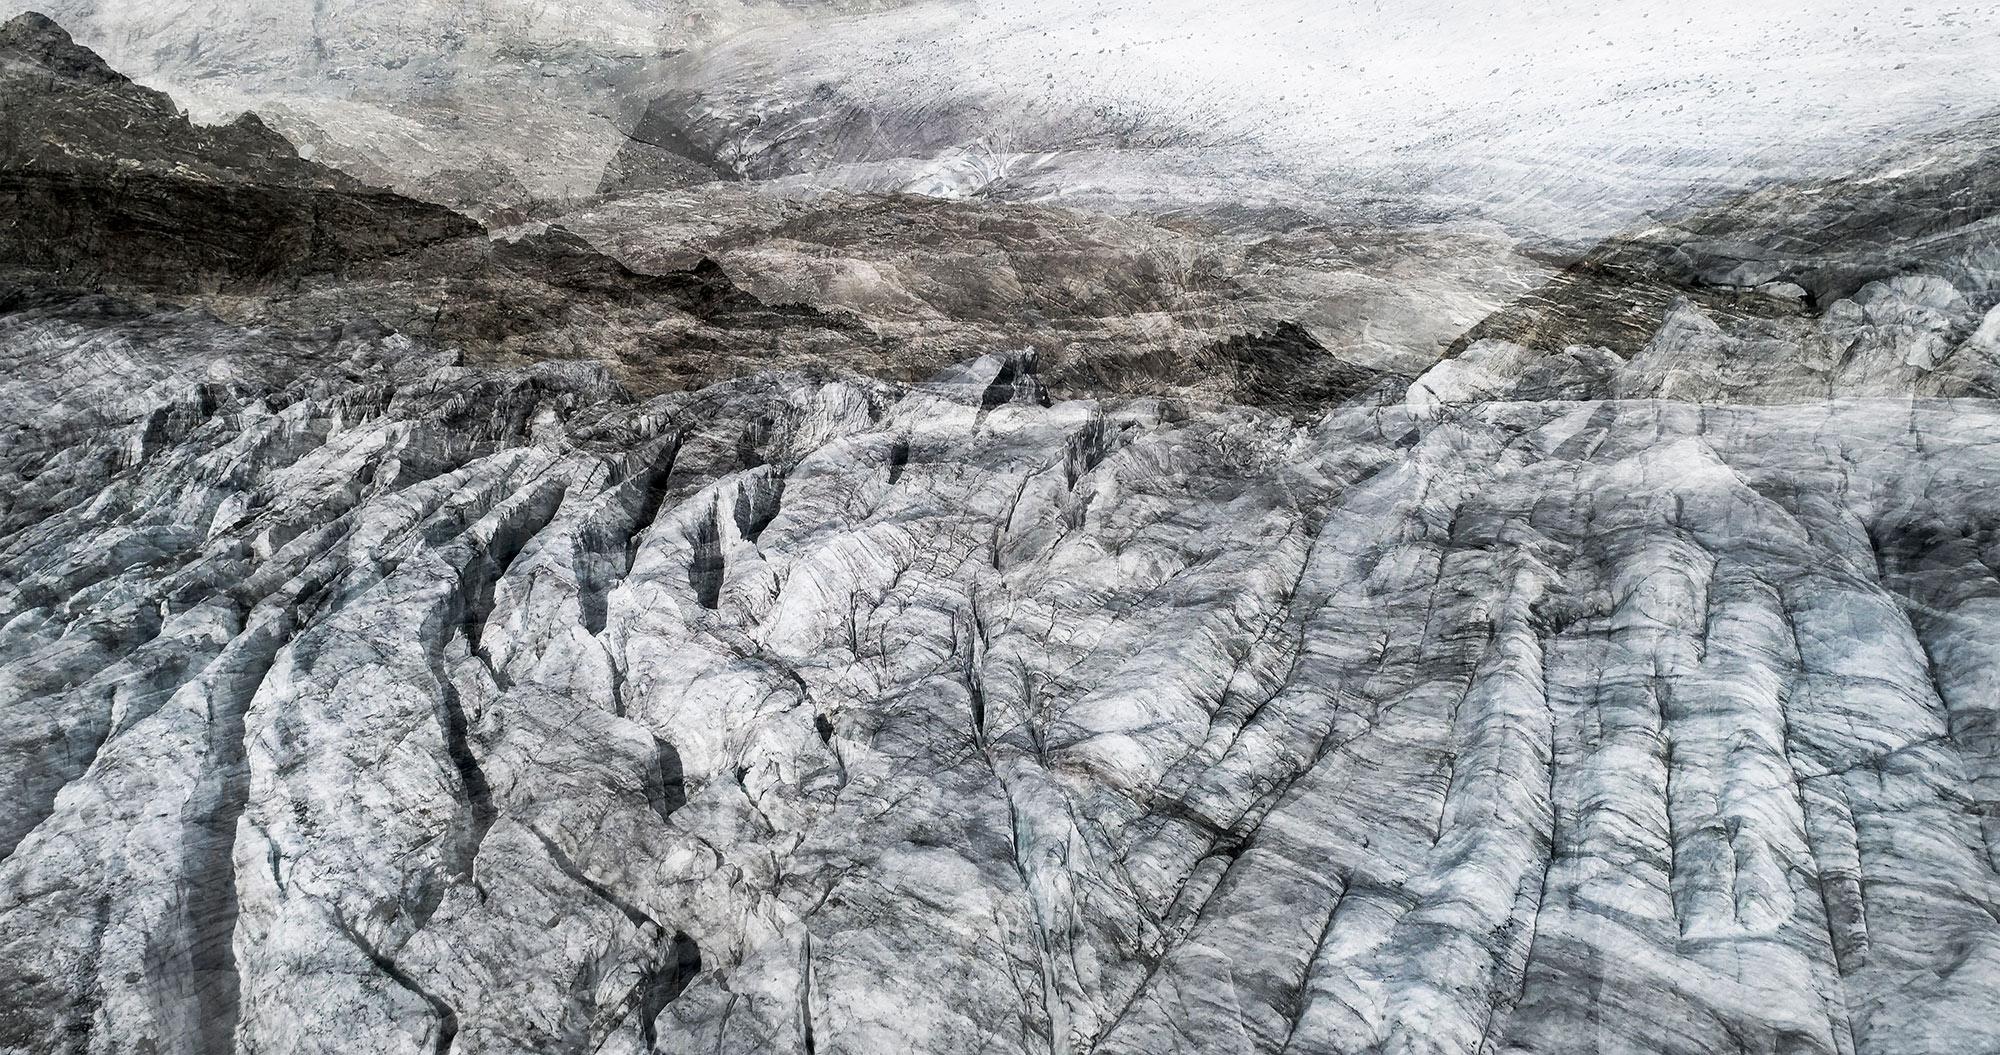 #31 Glaciers offset, 2017, photographie reconstruite à partir de bandes videos, réalisées sur le glacier du Rhône  #31 Glaciers offset, 2017, photographie reconstruite à partir de bandes videos, réalisées sur le glacier du Rhône